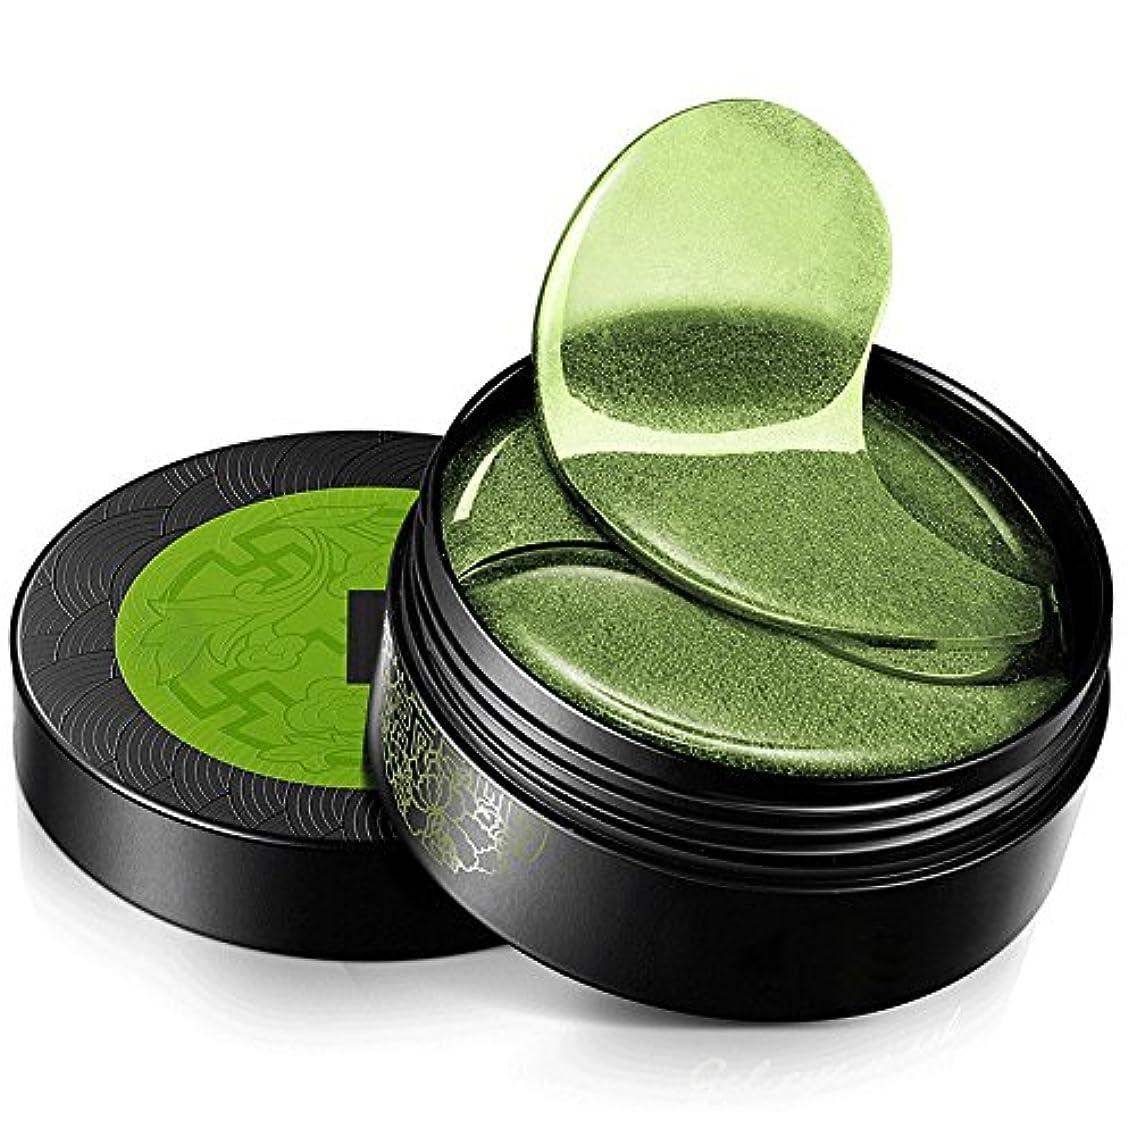 欠員打撃スチュワーデスLULAA MEIKING 目元シート 目元パック 海藻成分 超浸透 潤い 保湿 しわ 浮腫 目くま ヒアルロン酸 天然 抗過敏 緑